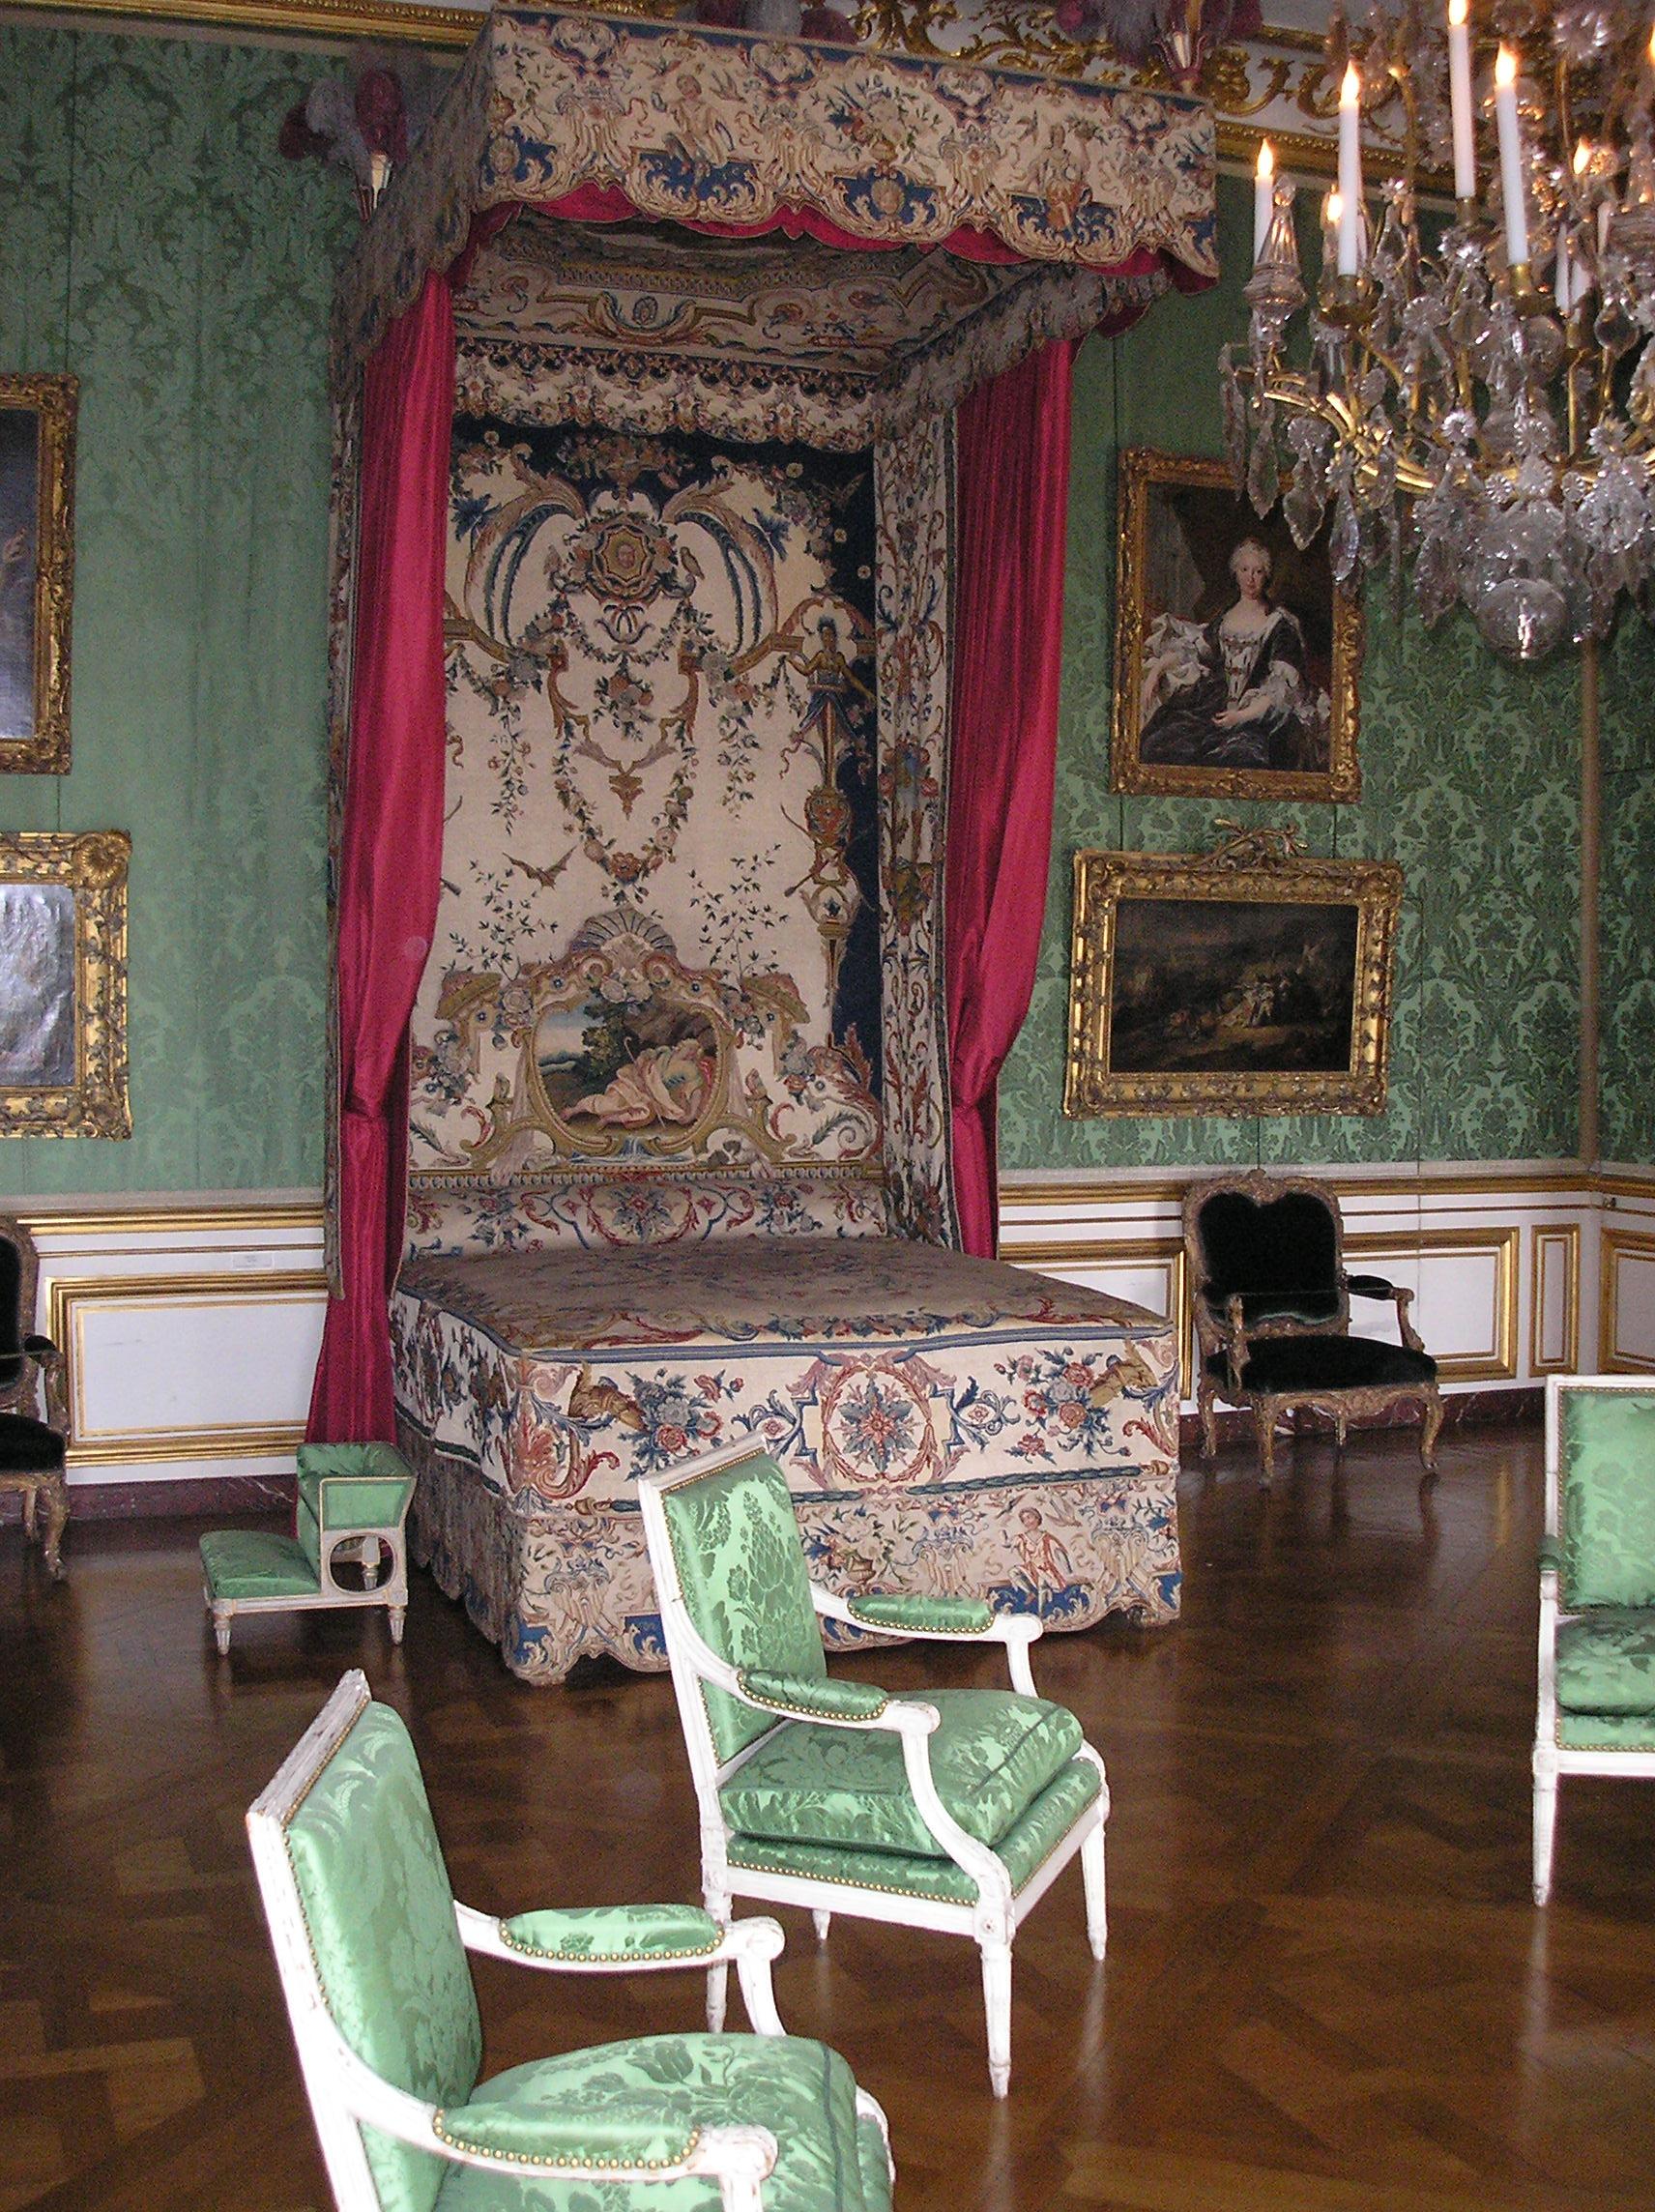 Bett Mit Baldachin Im Schloss Versailles